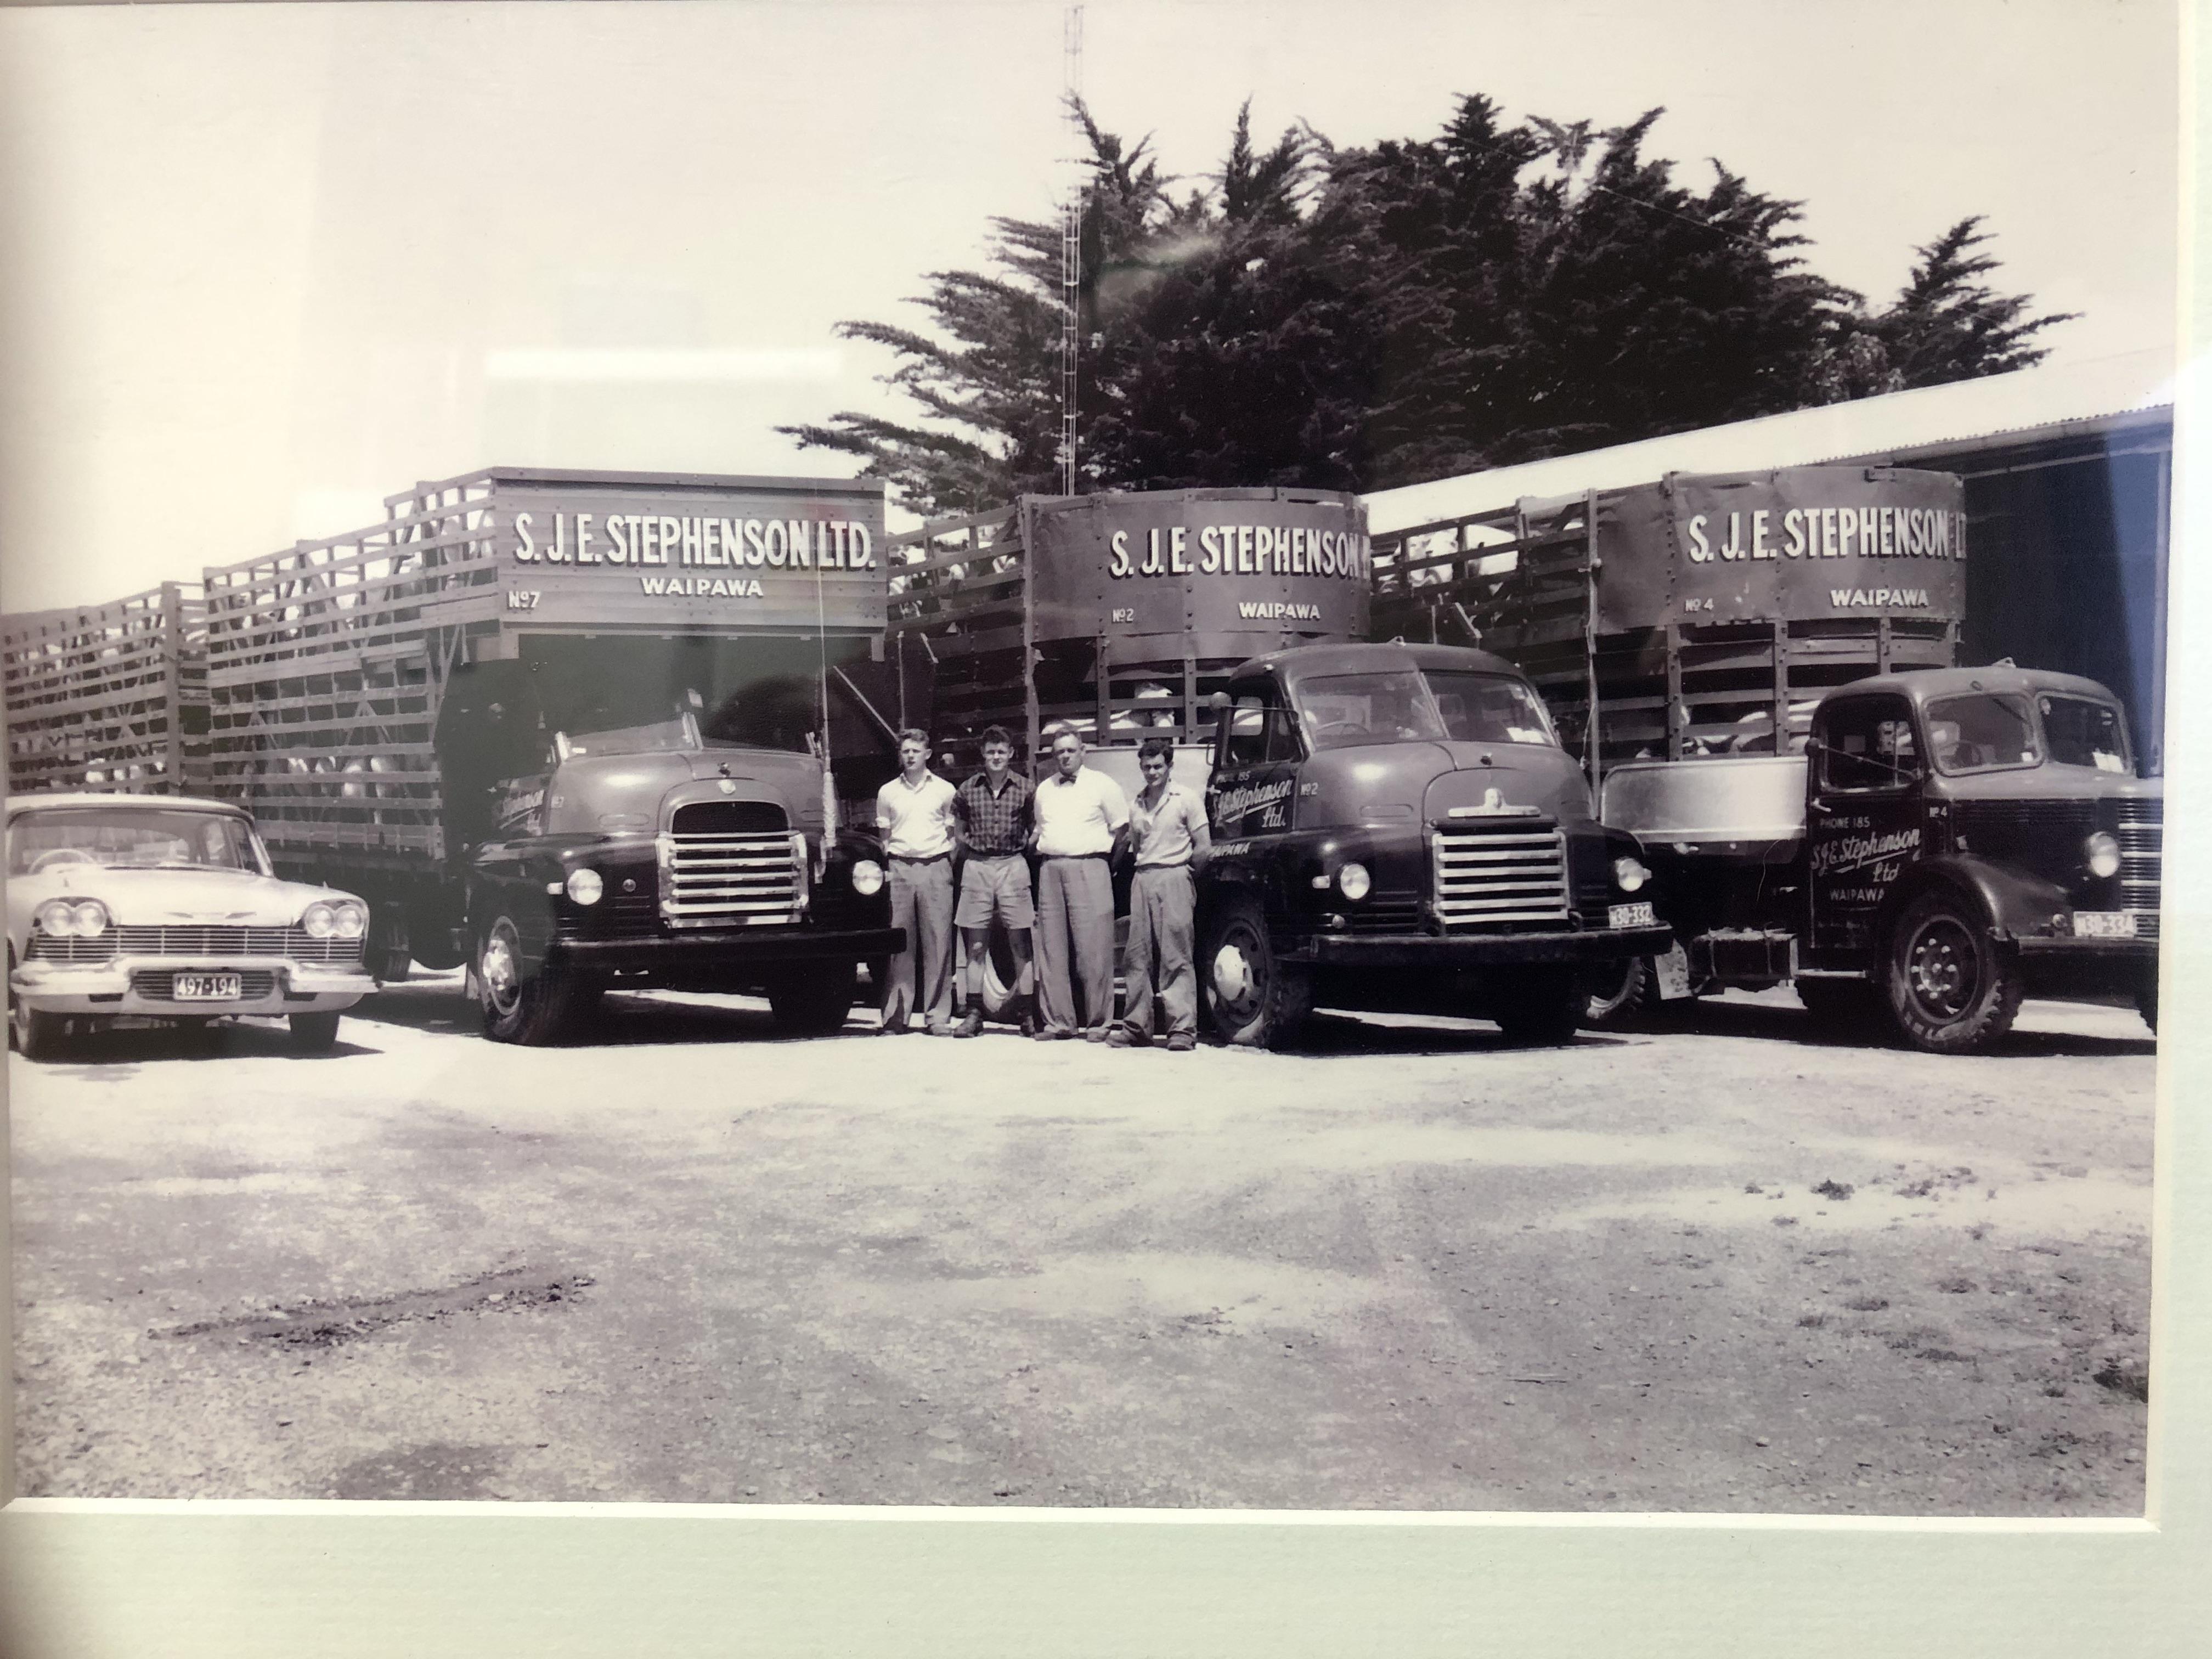 Fleet of SJE Transport trucks